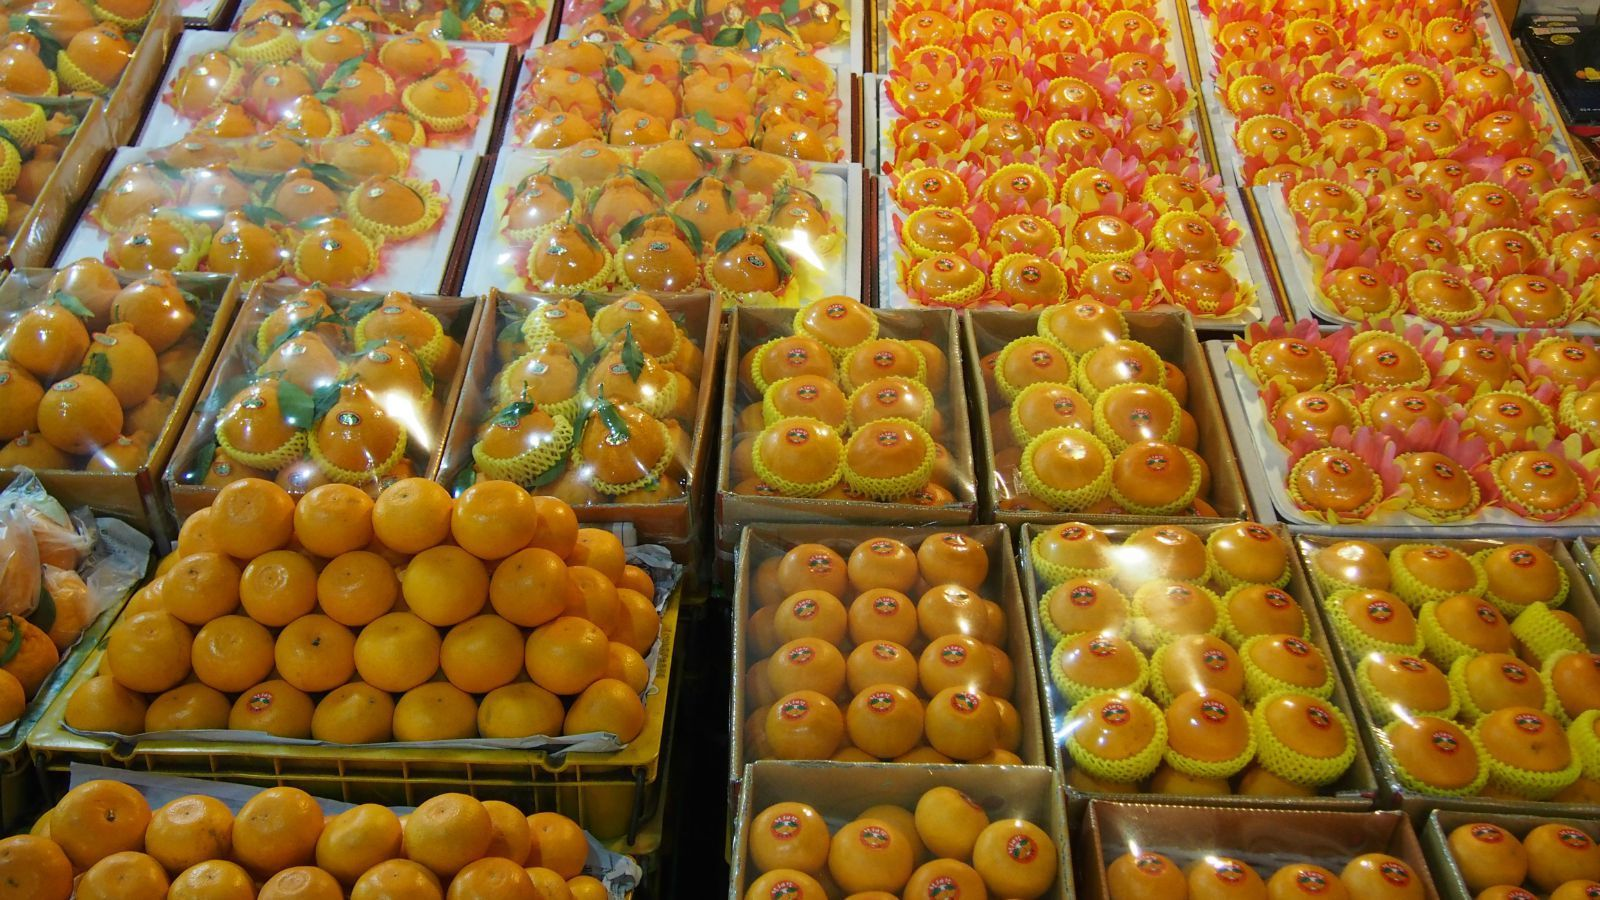 都是济州岛橘子林里产的橘子